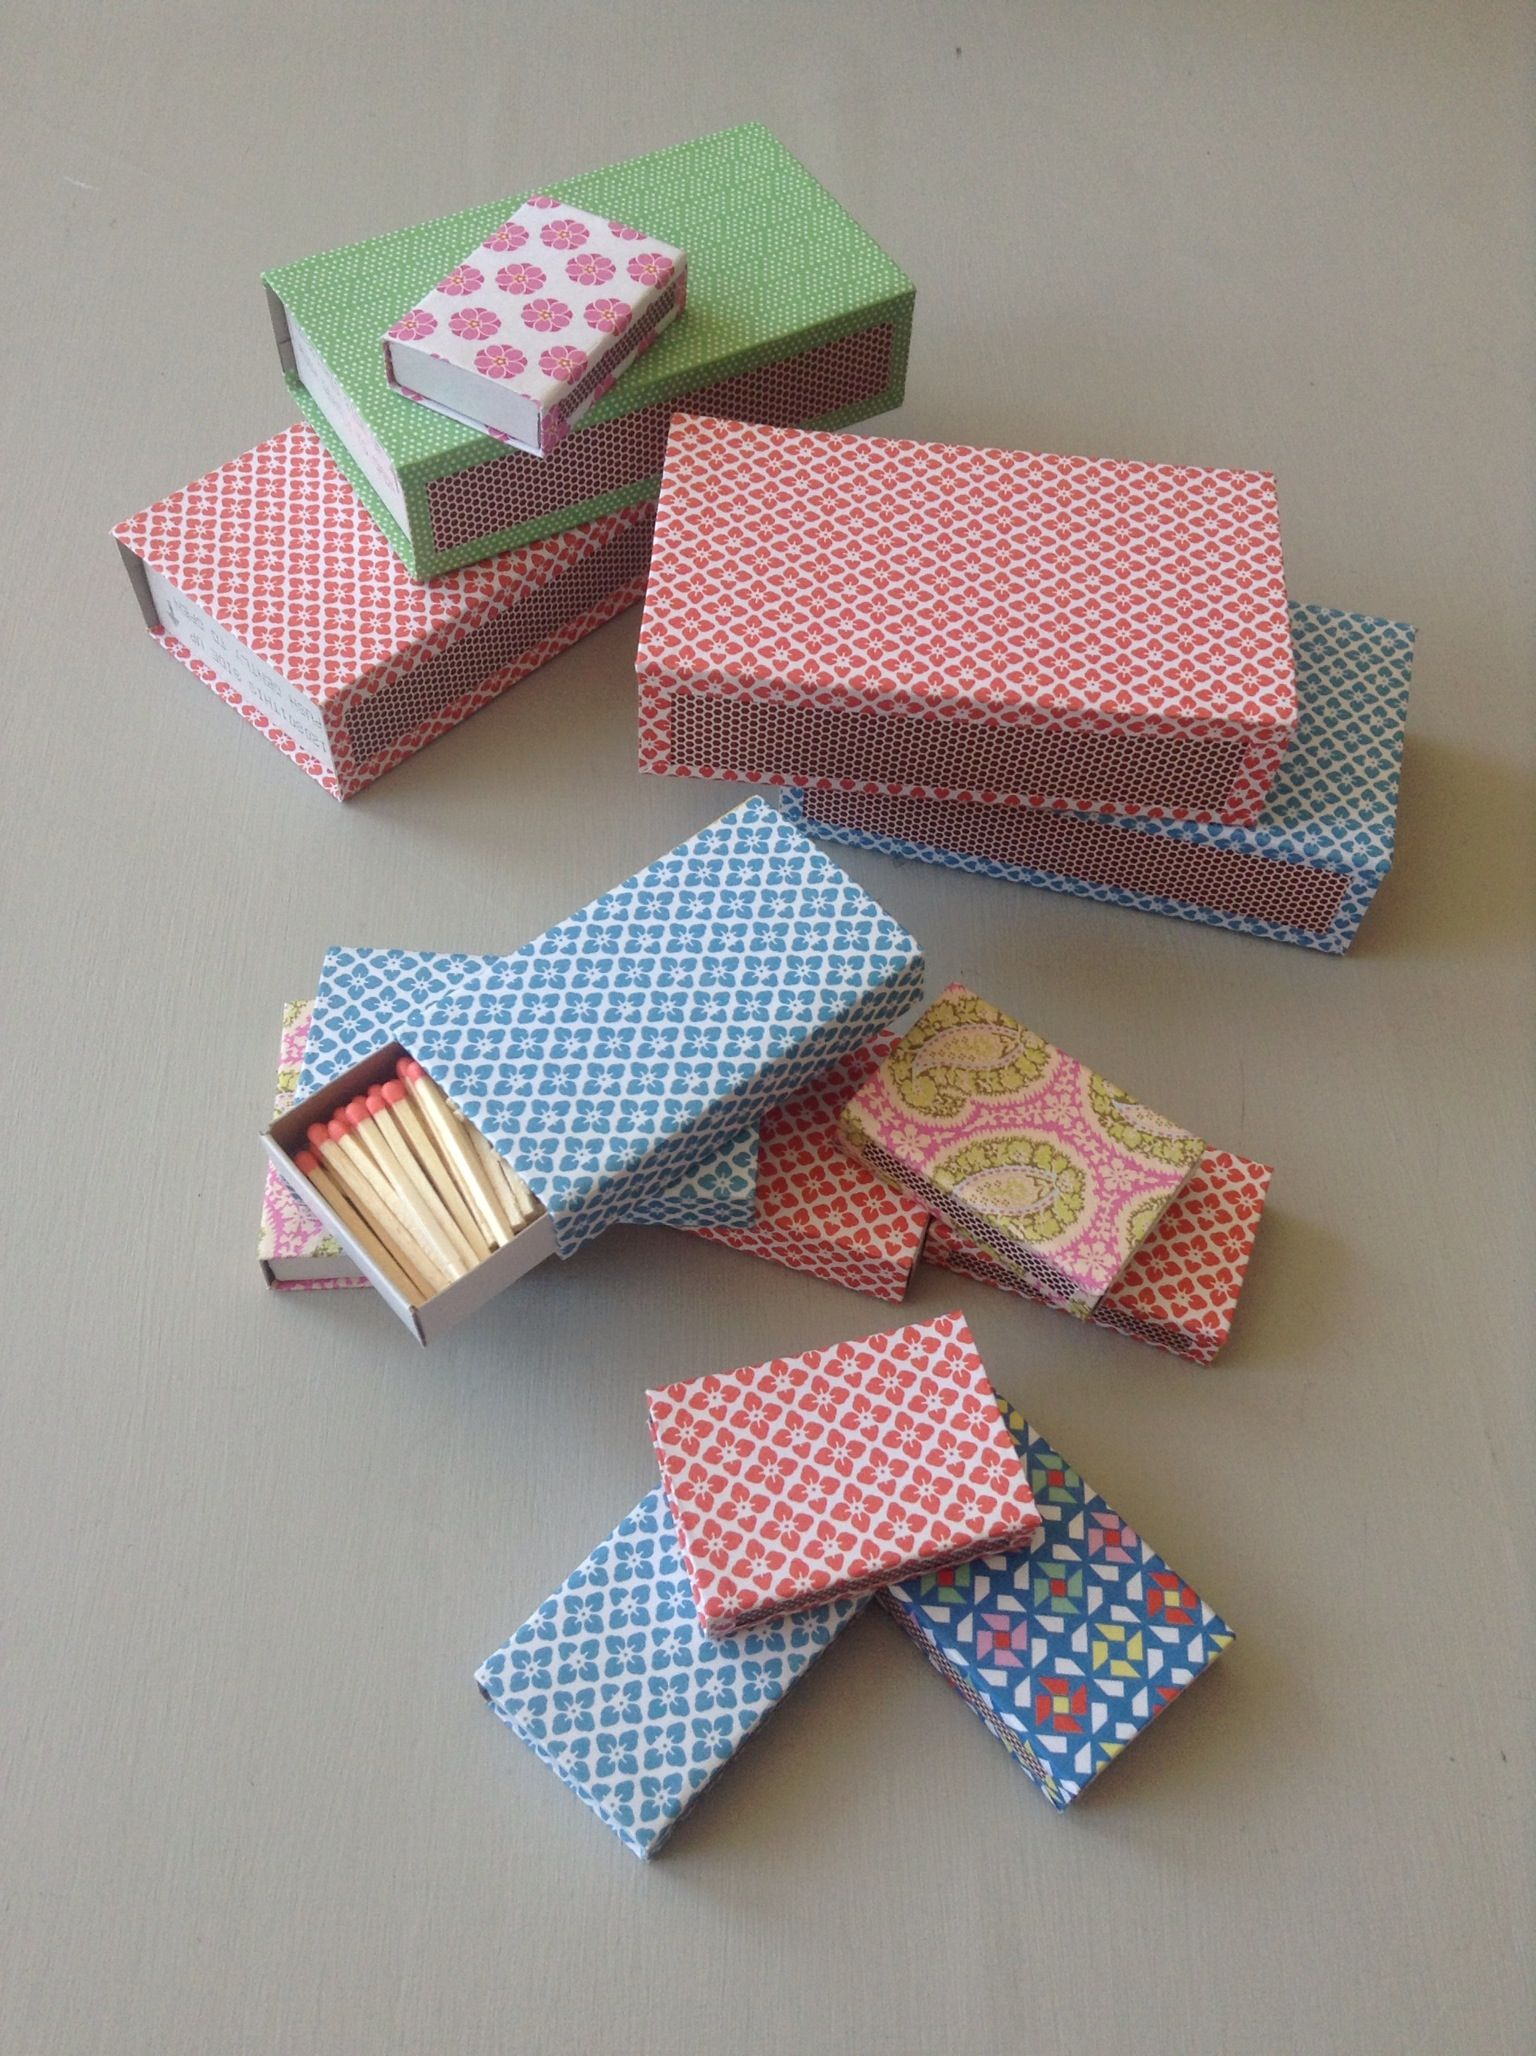 Delightful matchboxes made for Frille Design